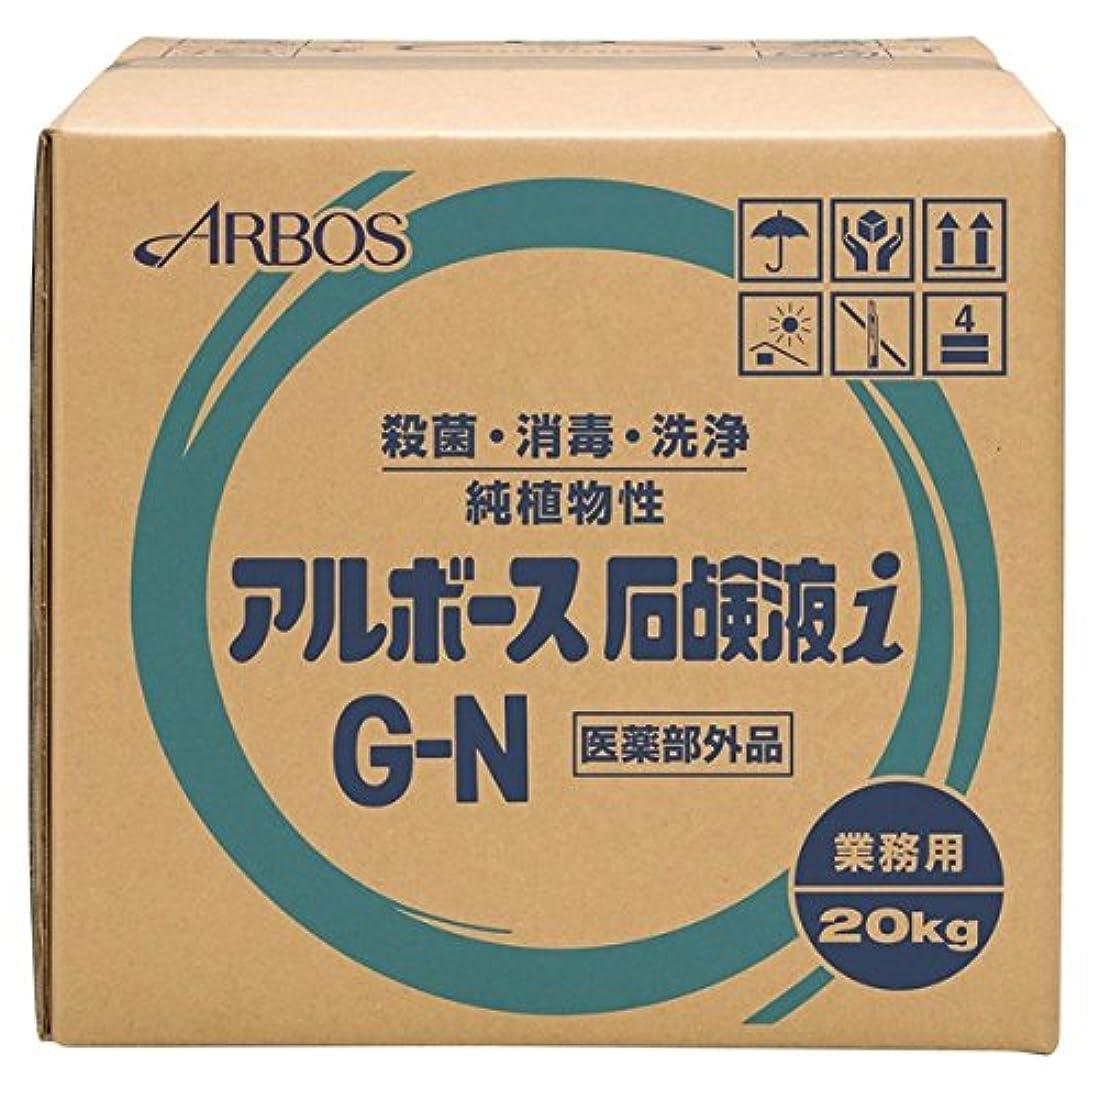 クレアマザーランド令状アルボース 薬用ハンドソープ アルボース石鹸液i G-N 濃縮タイプ 20kg